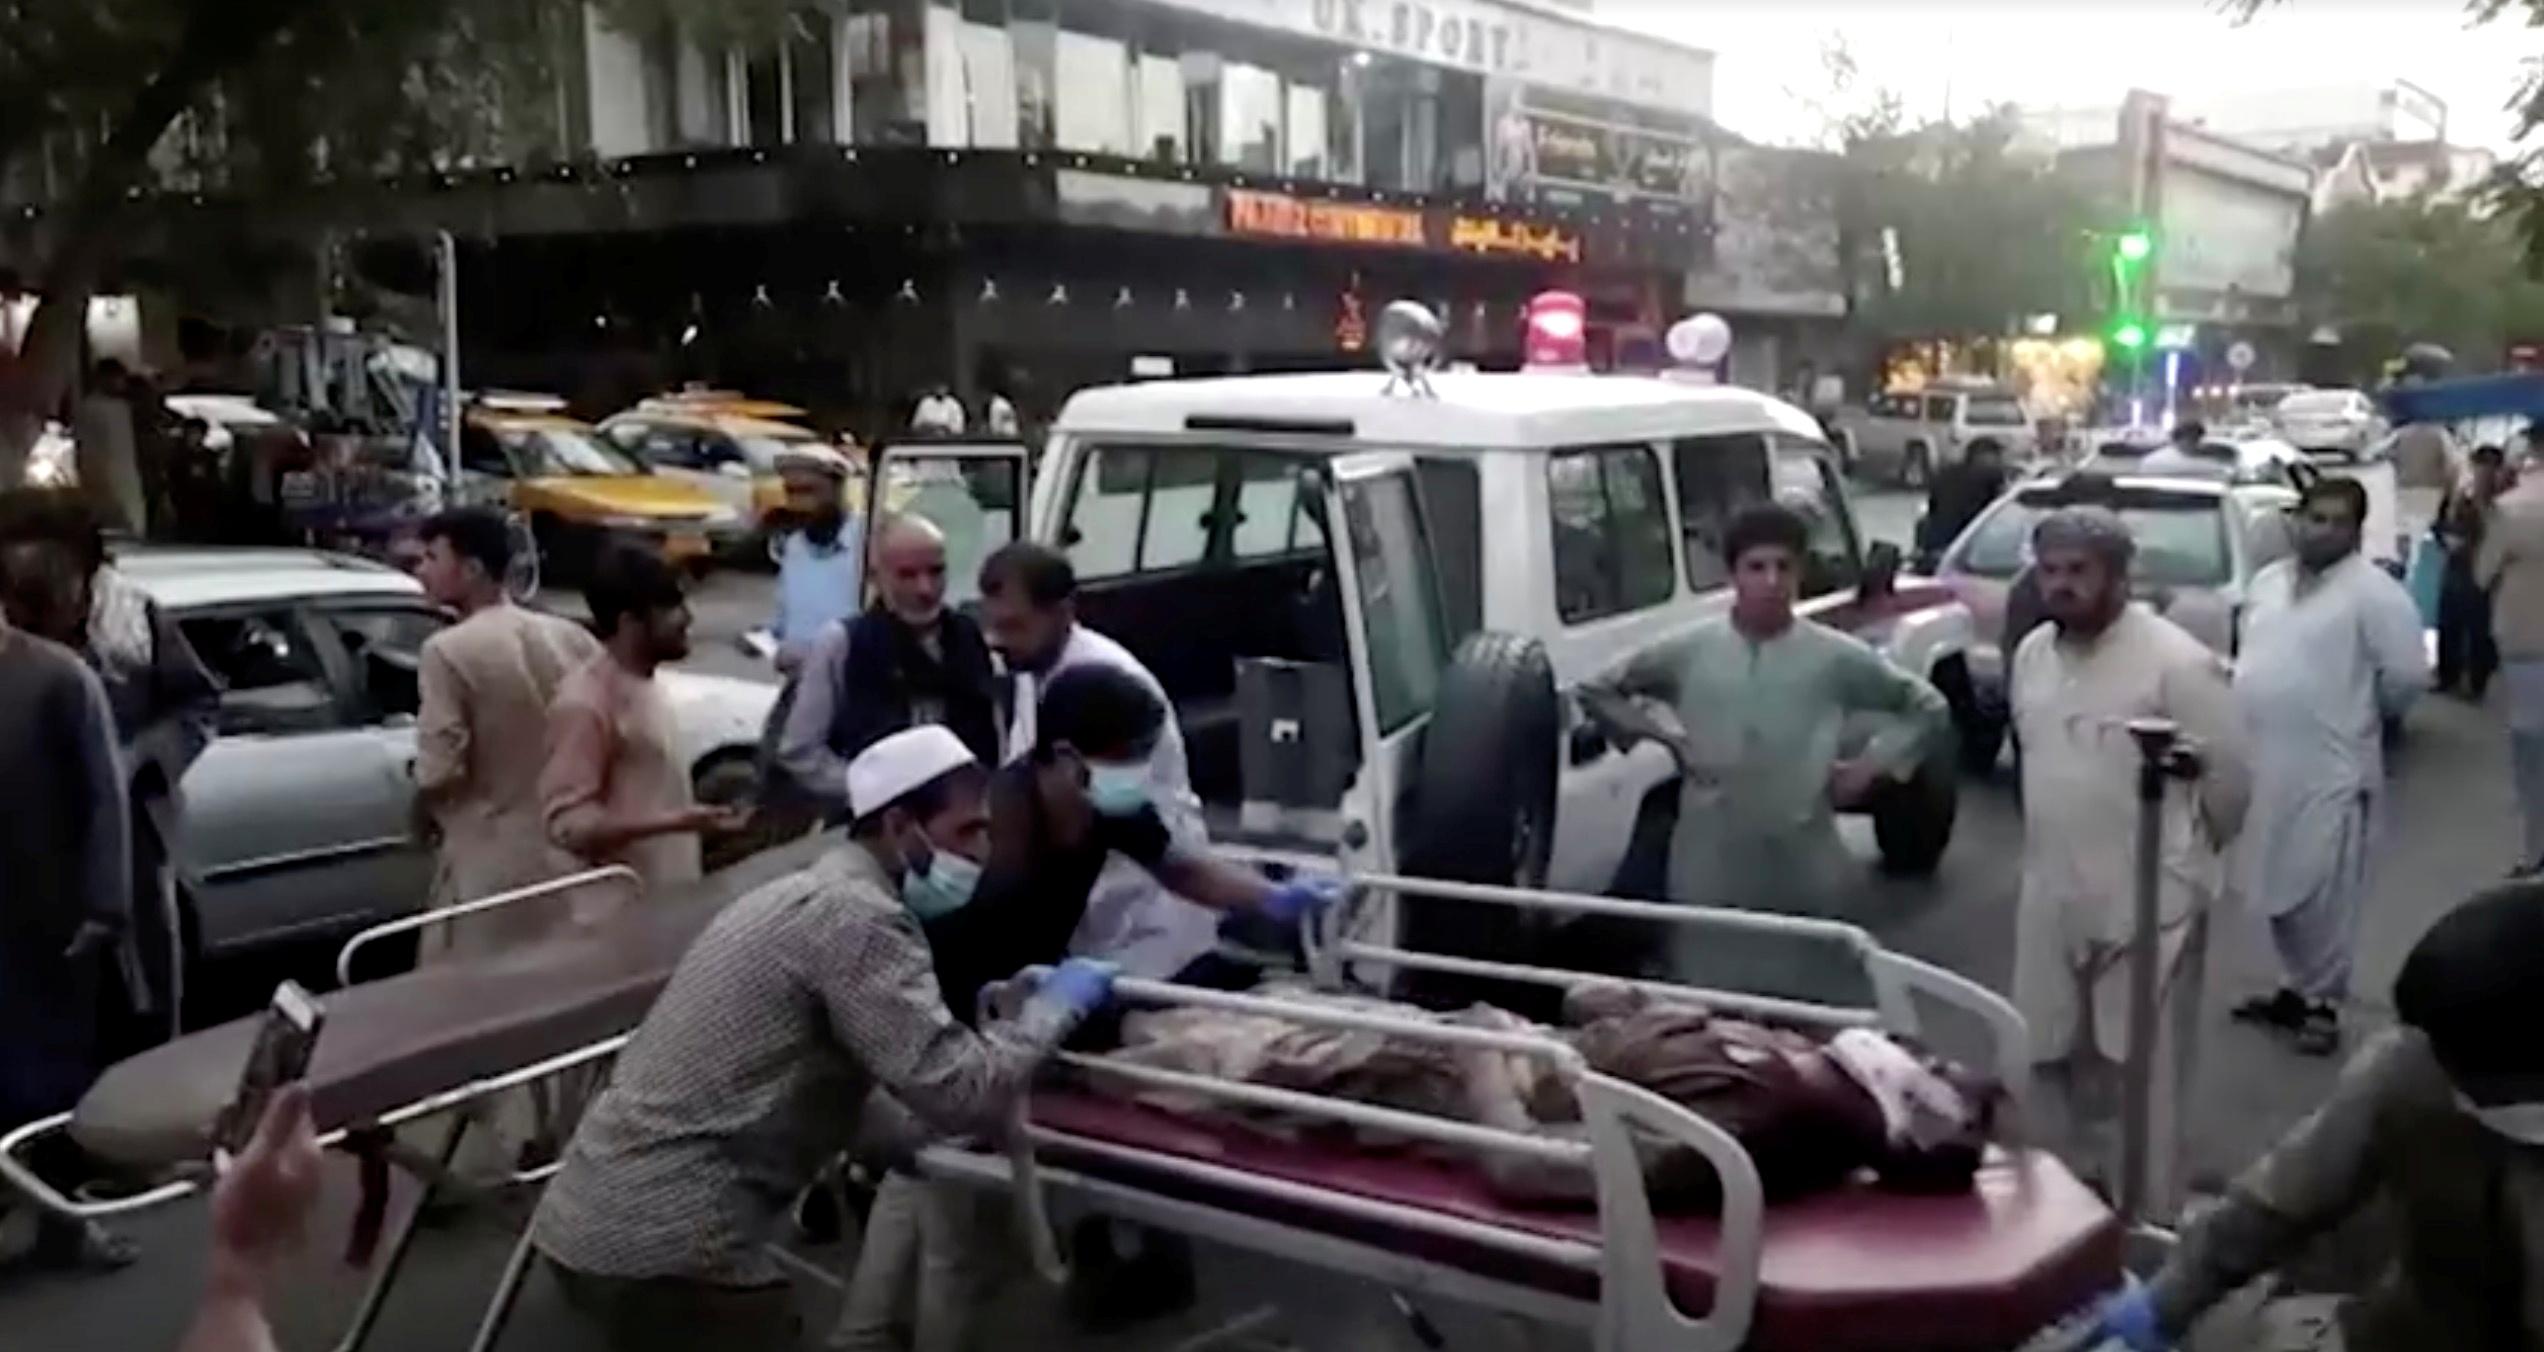 Αφγανιστάν: Μετρά αντίστροφα ο χρόνος στην Καμπούλ – Φόβοι για νέες επιθέσεις